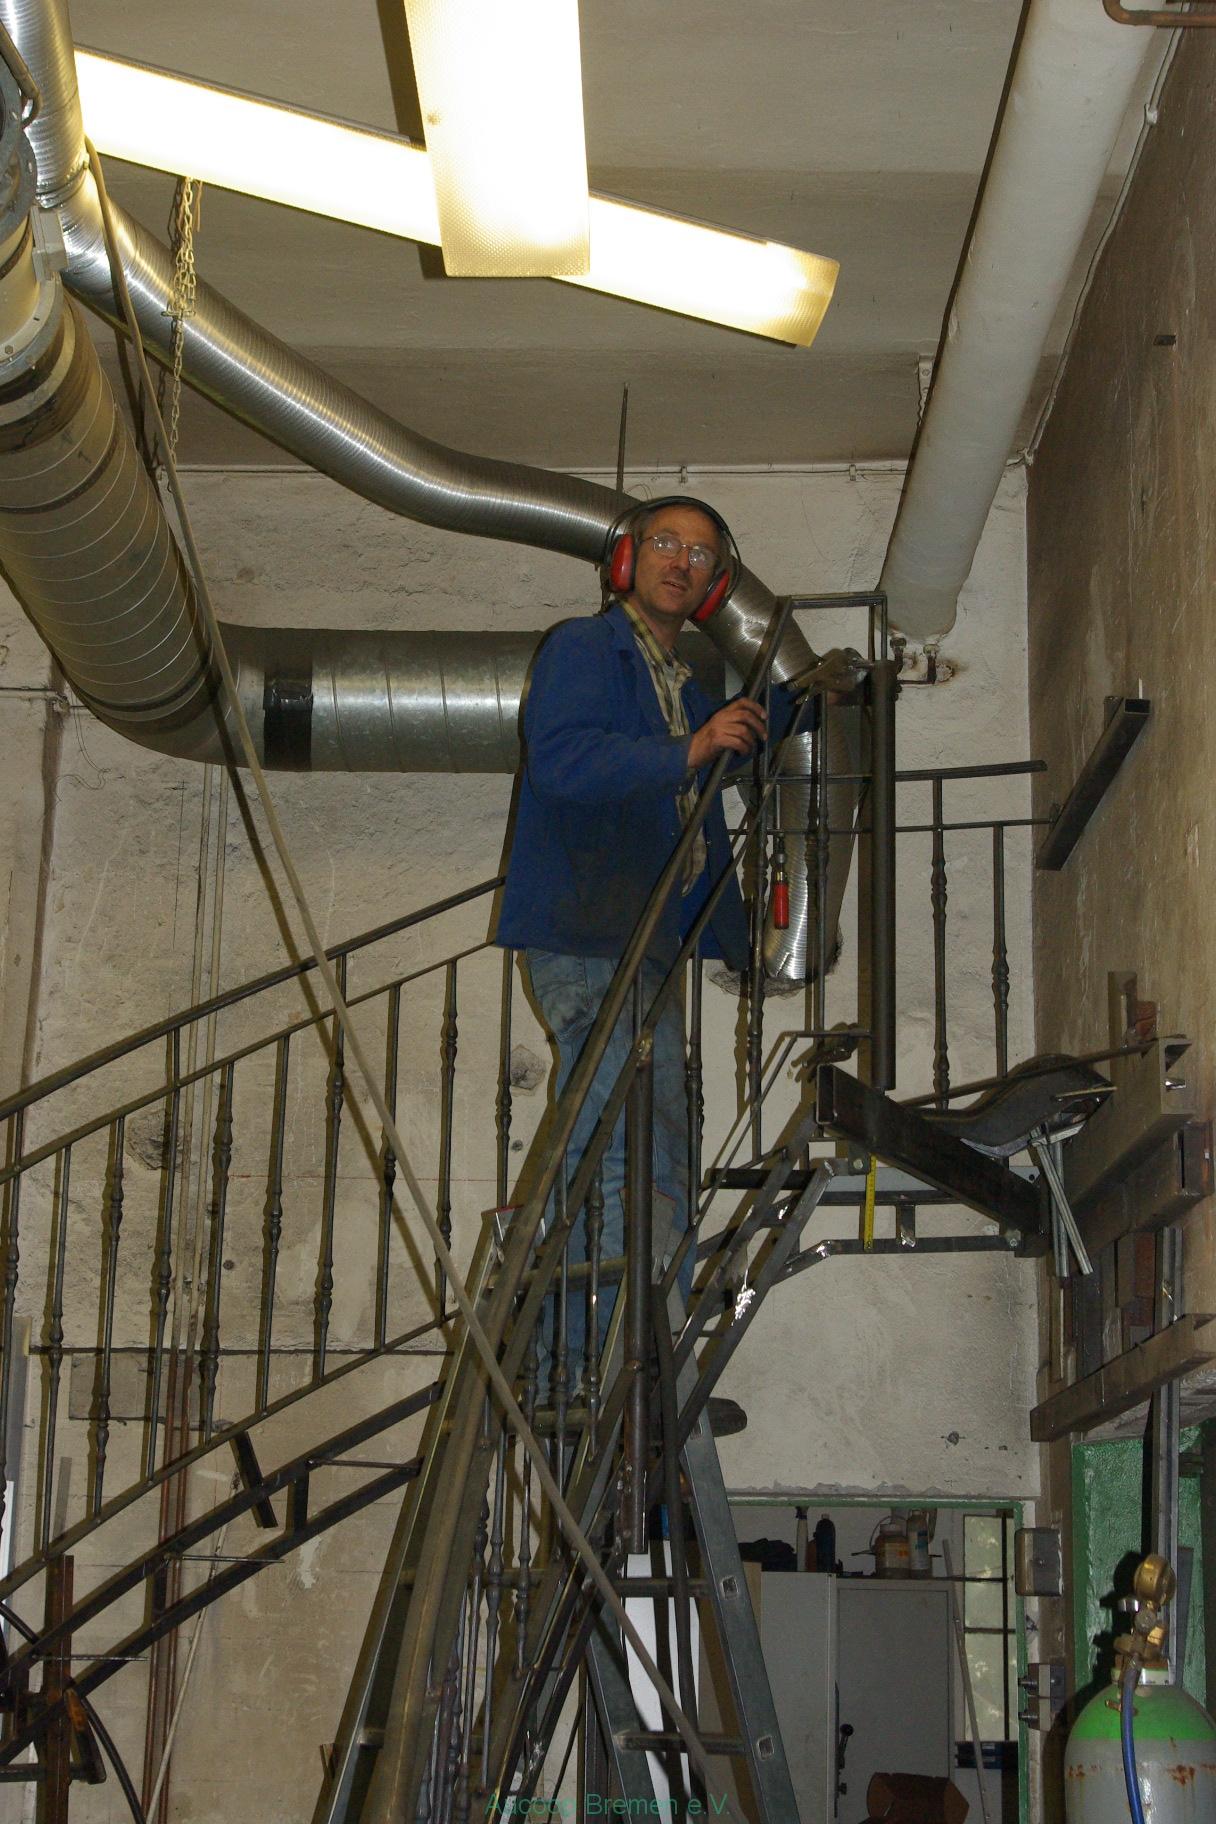 Peter auf Treppe 2